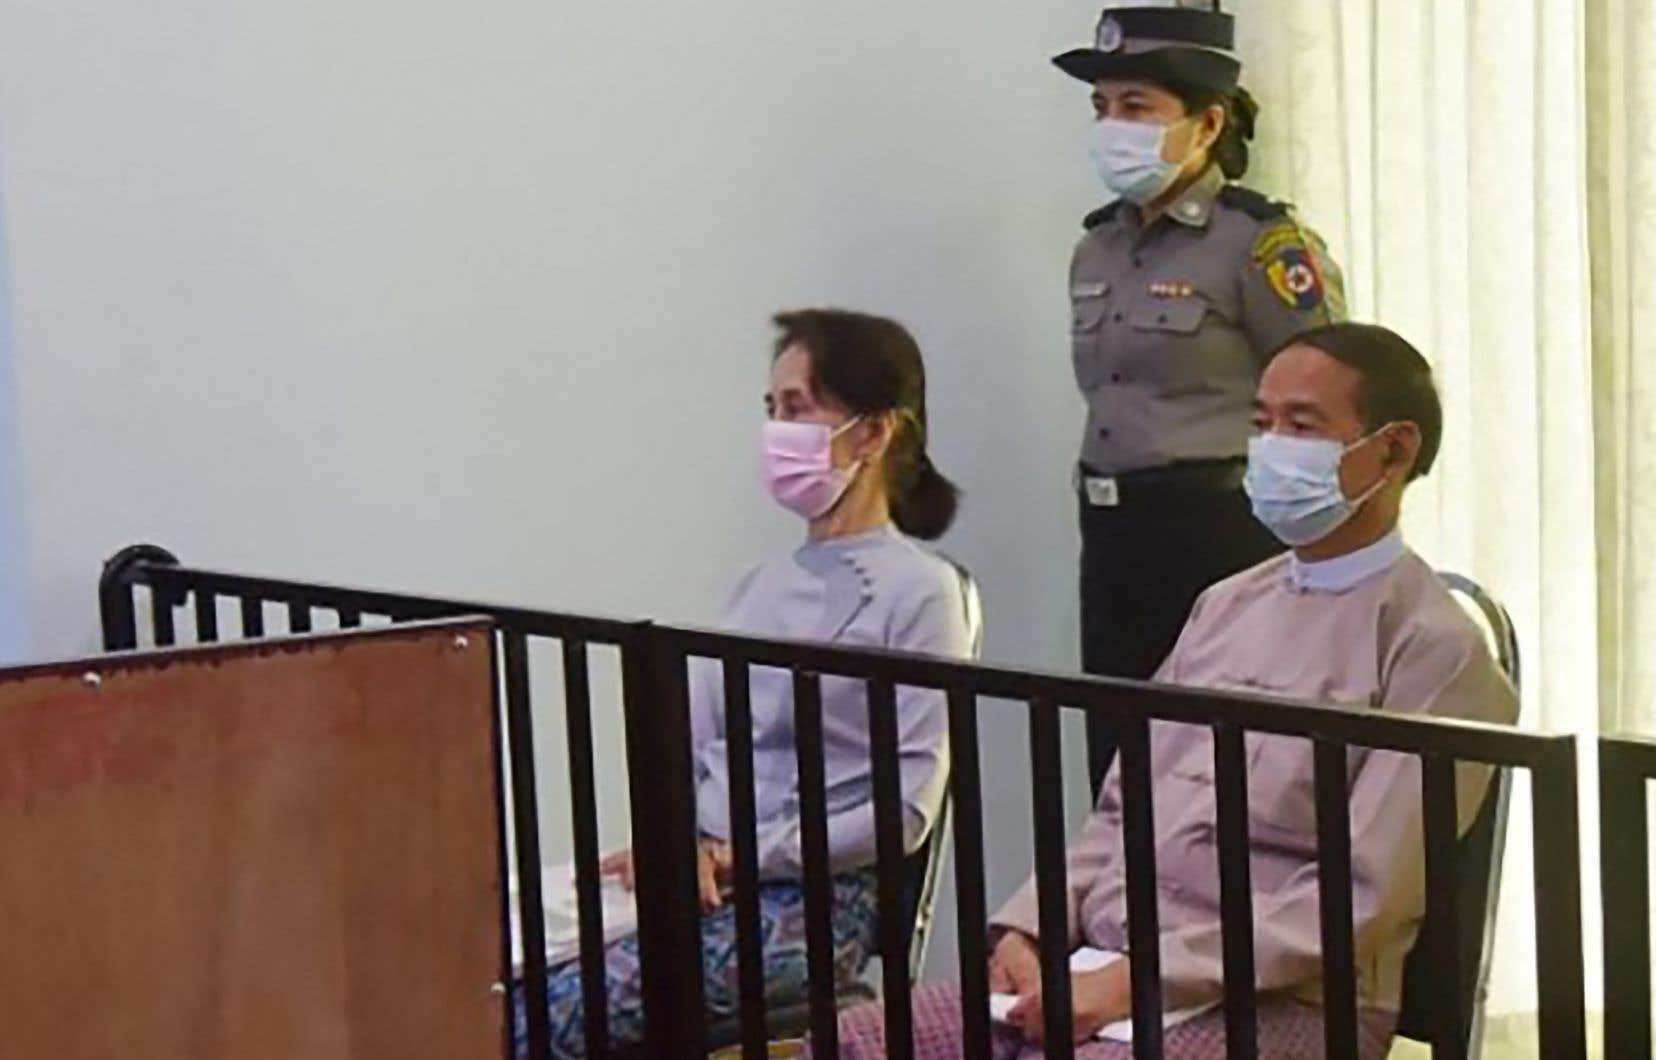 Aung San Suu Kyi (assise à gauche) comparaîtra à partir du 15juin pour «sédition» aux côtés, notamment, de l'ex-président de la République Win Myint (à droite). On les voit ici le 24 mai en cour à Naypyidaw.